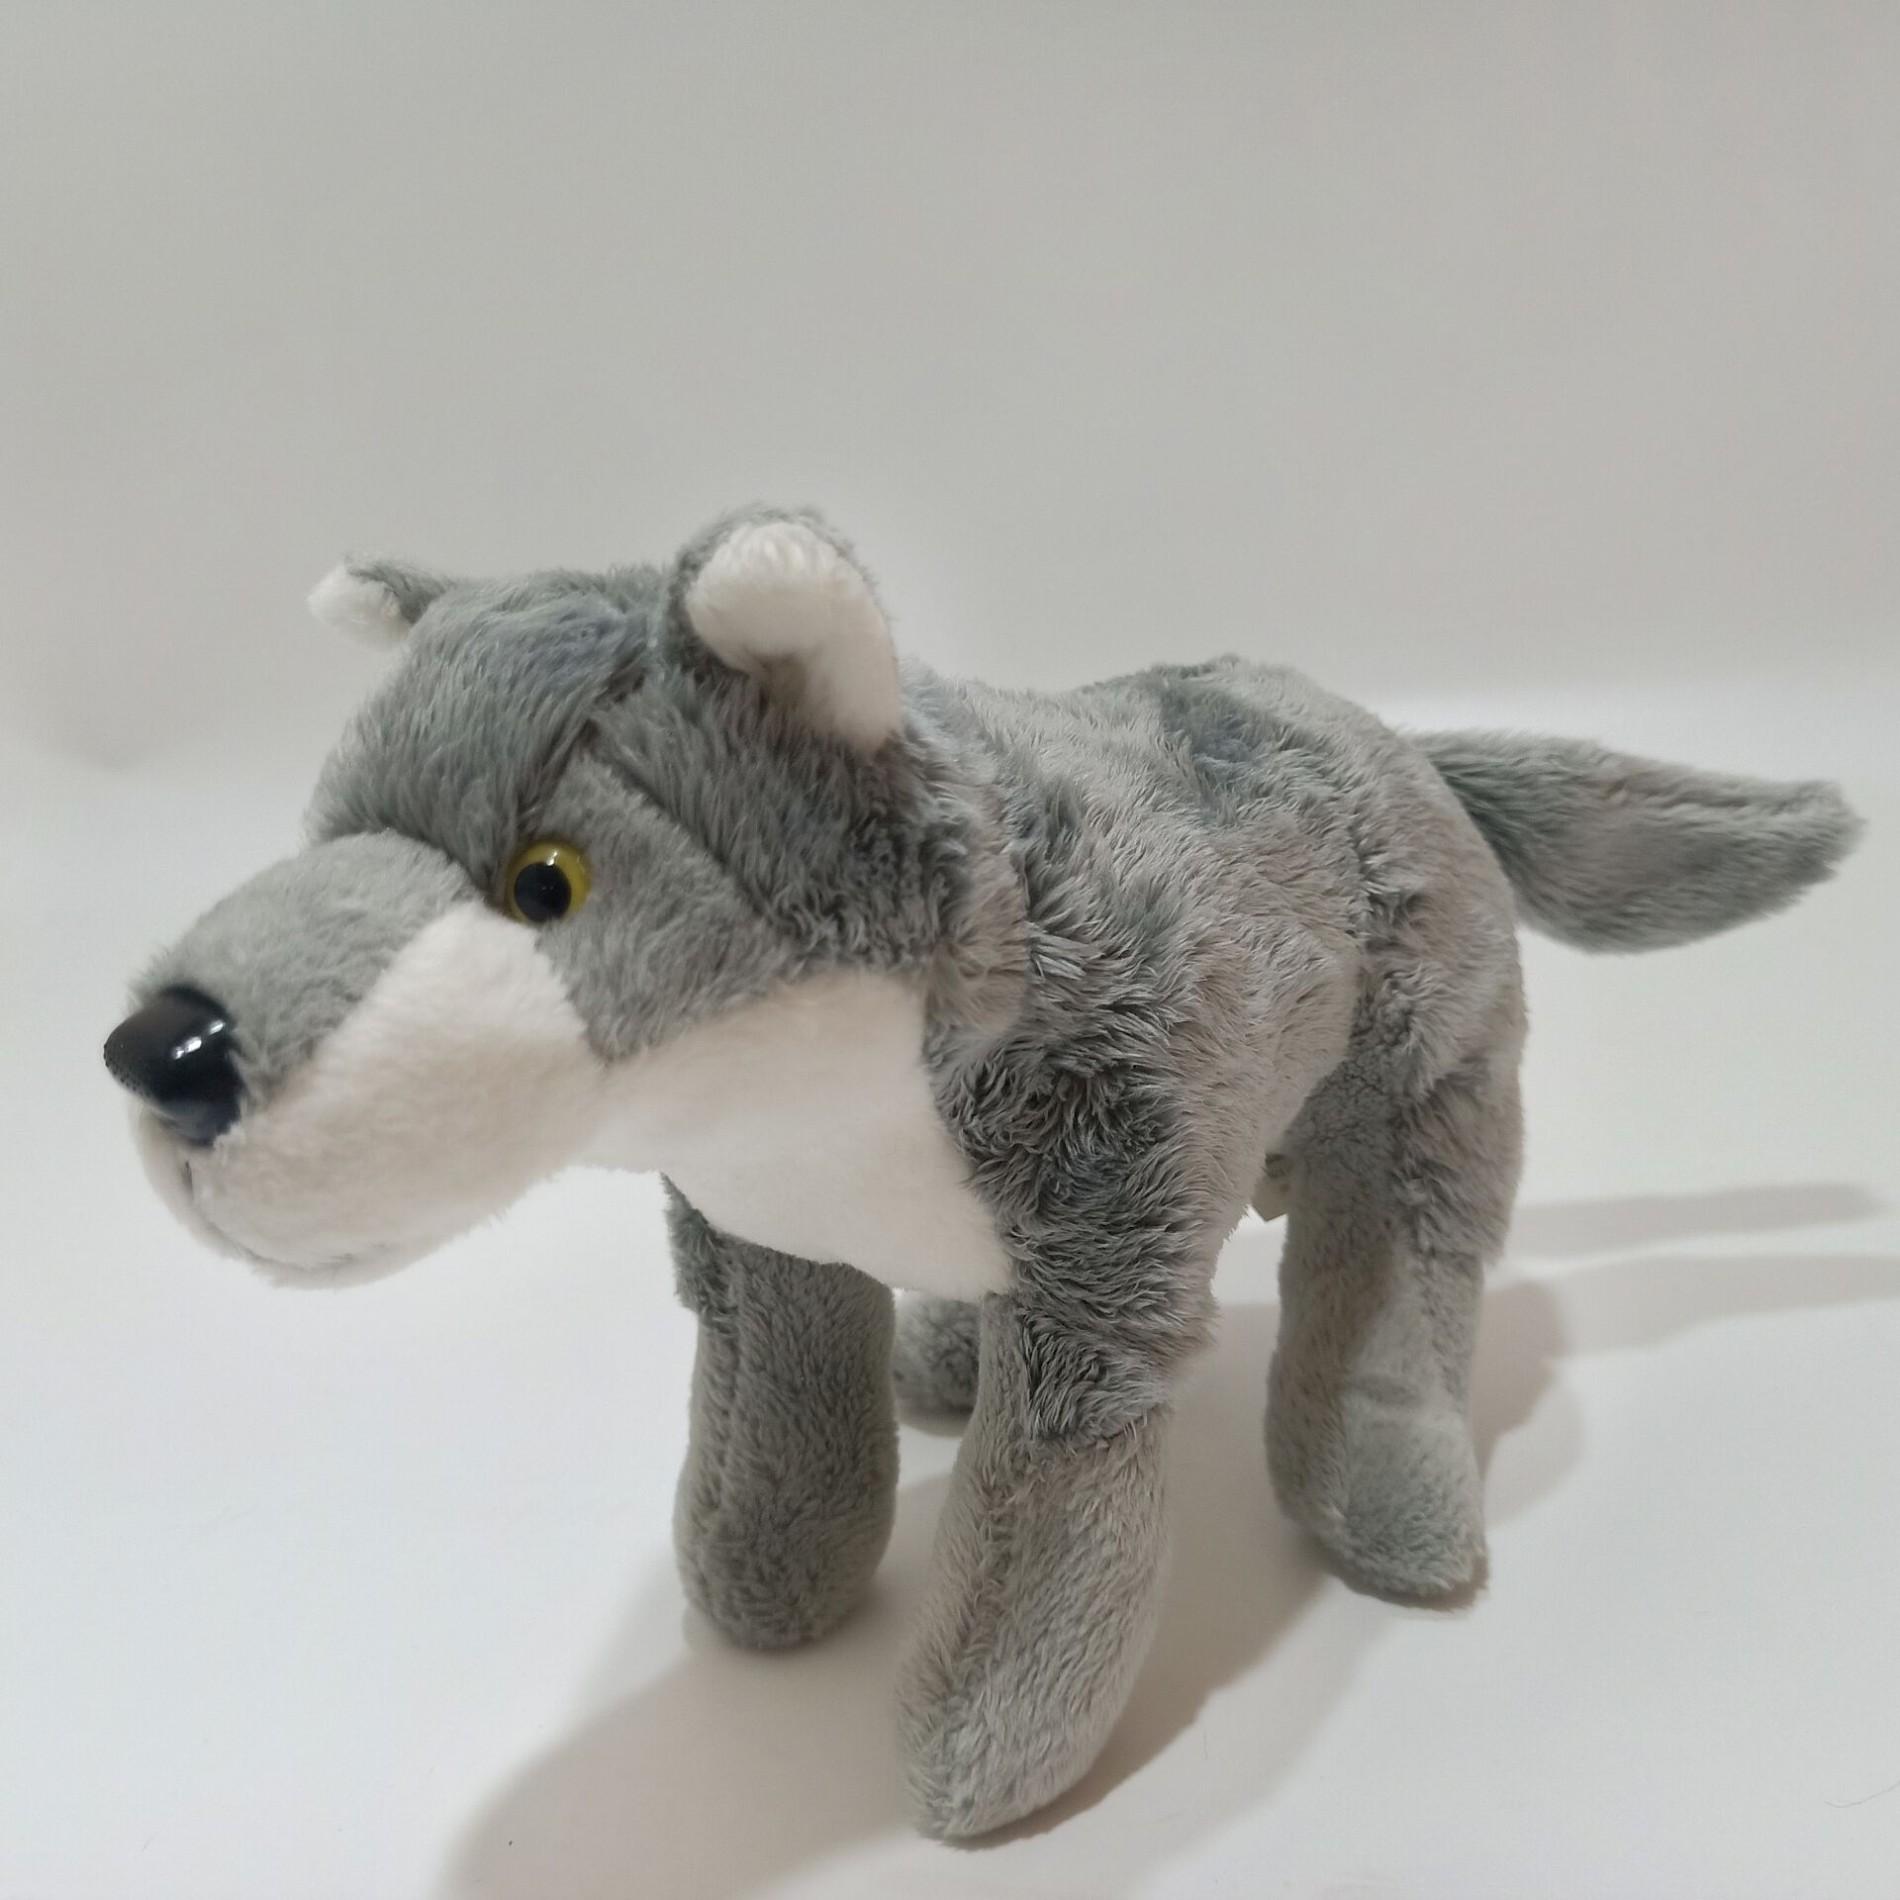 Wlid Wolf Plush Toy